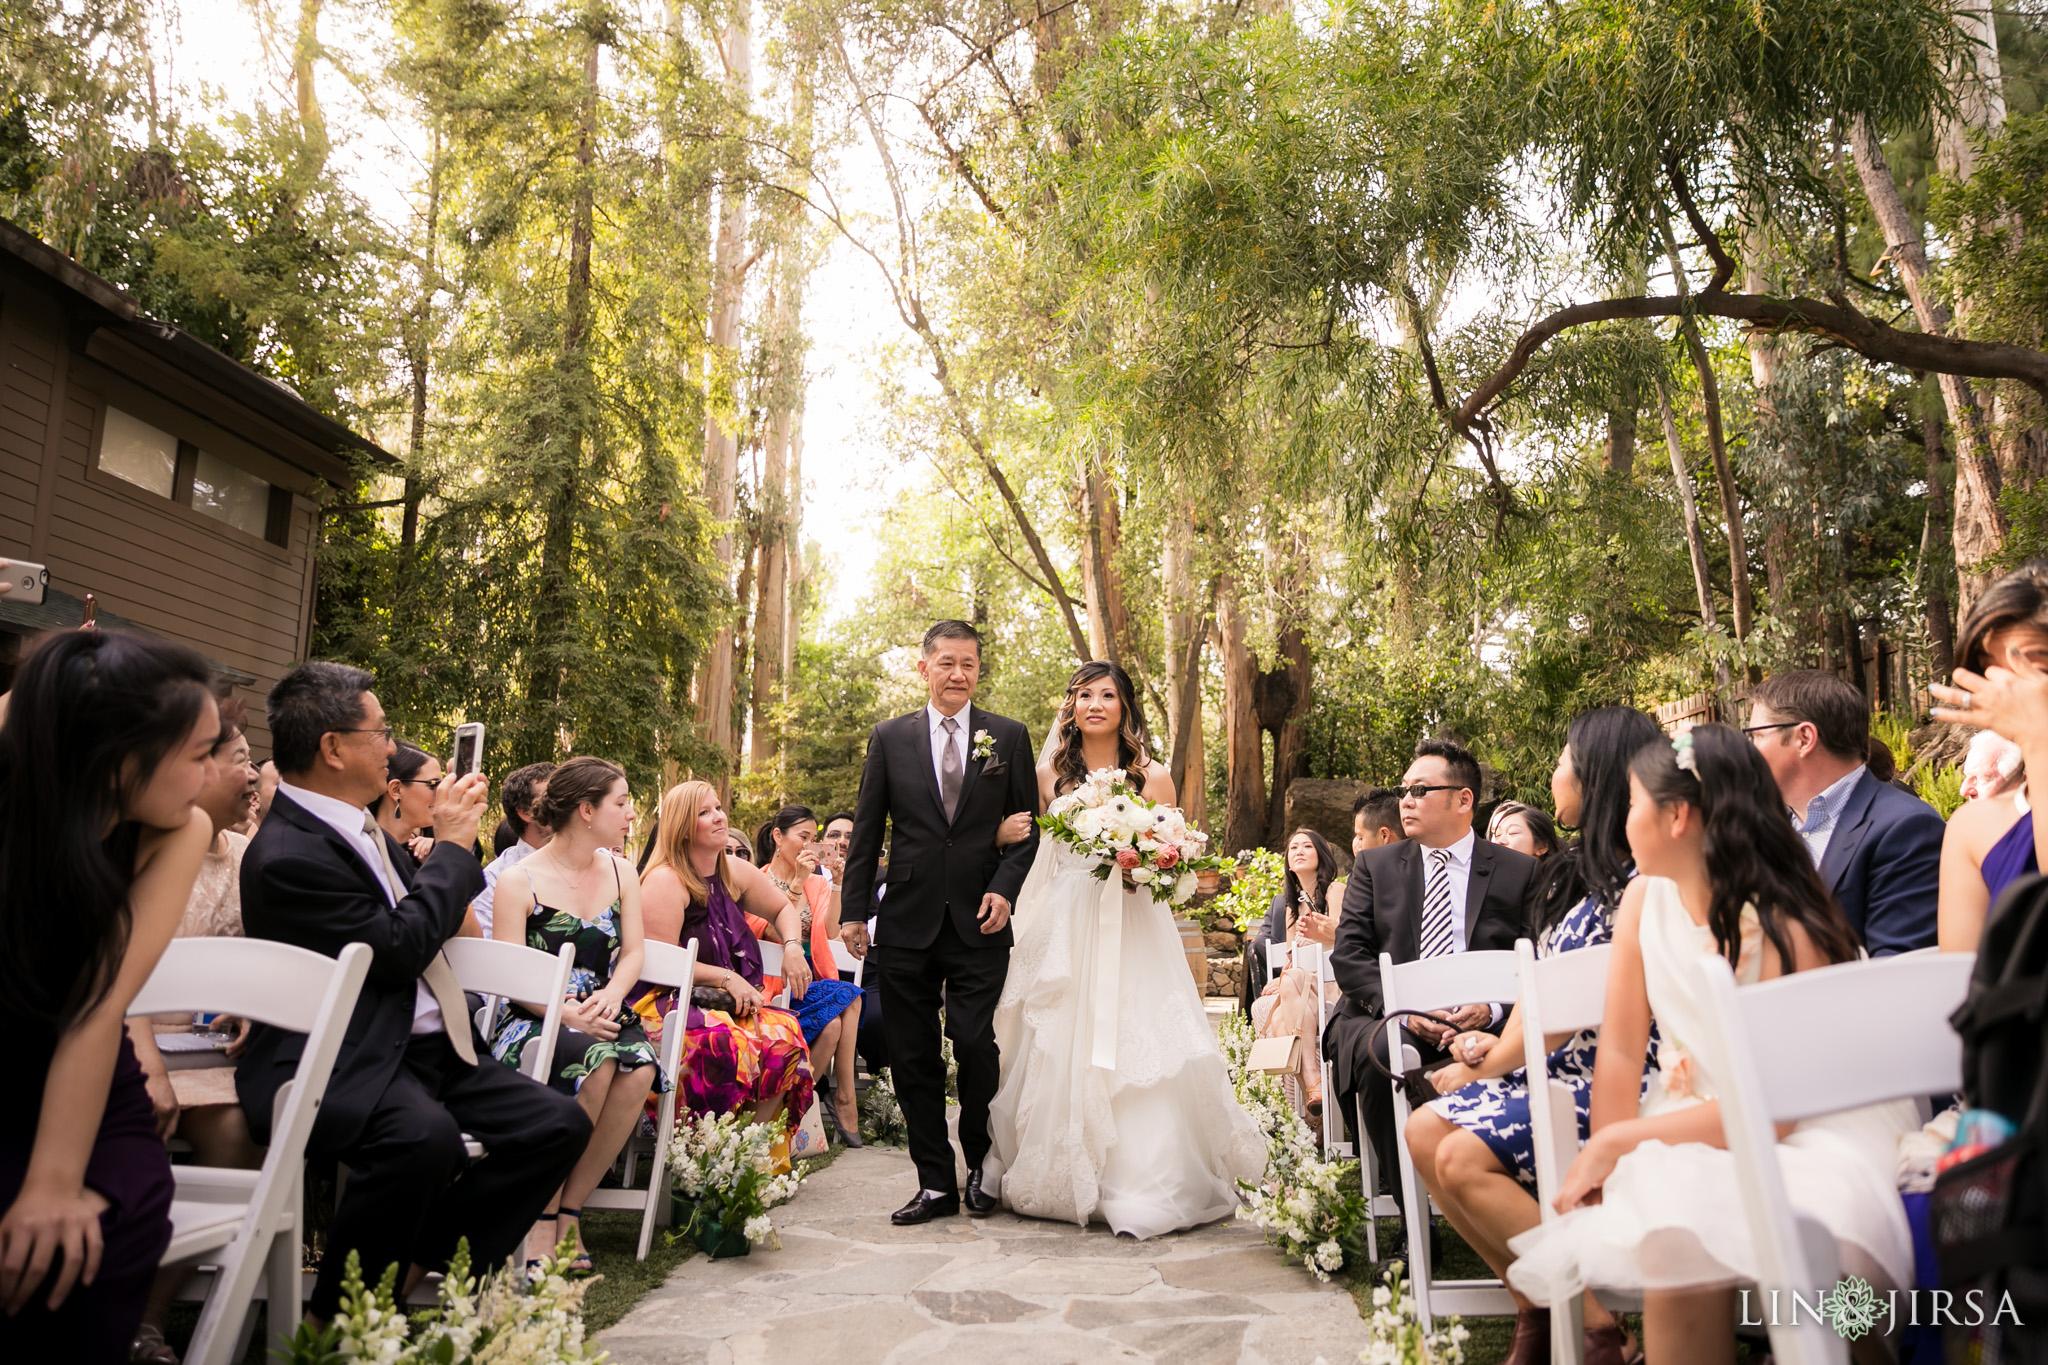 17 calamigos ranch malibu wedding ceremony photography